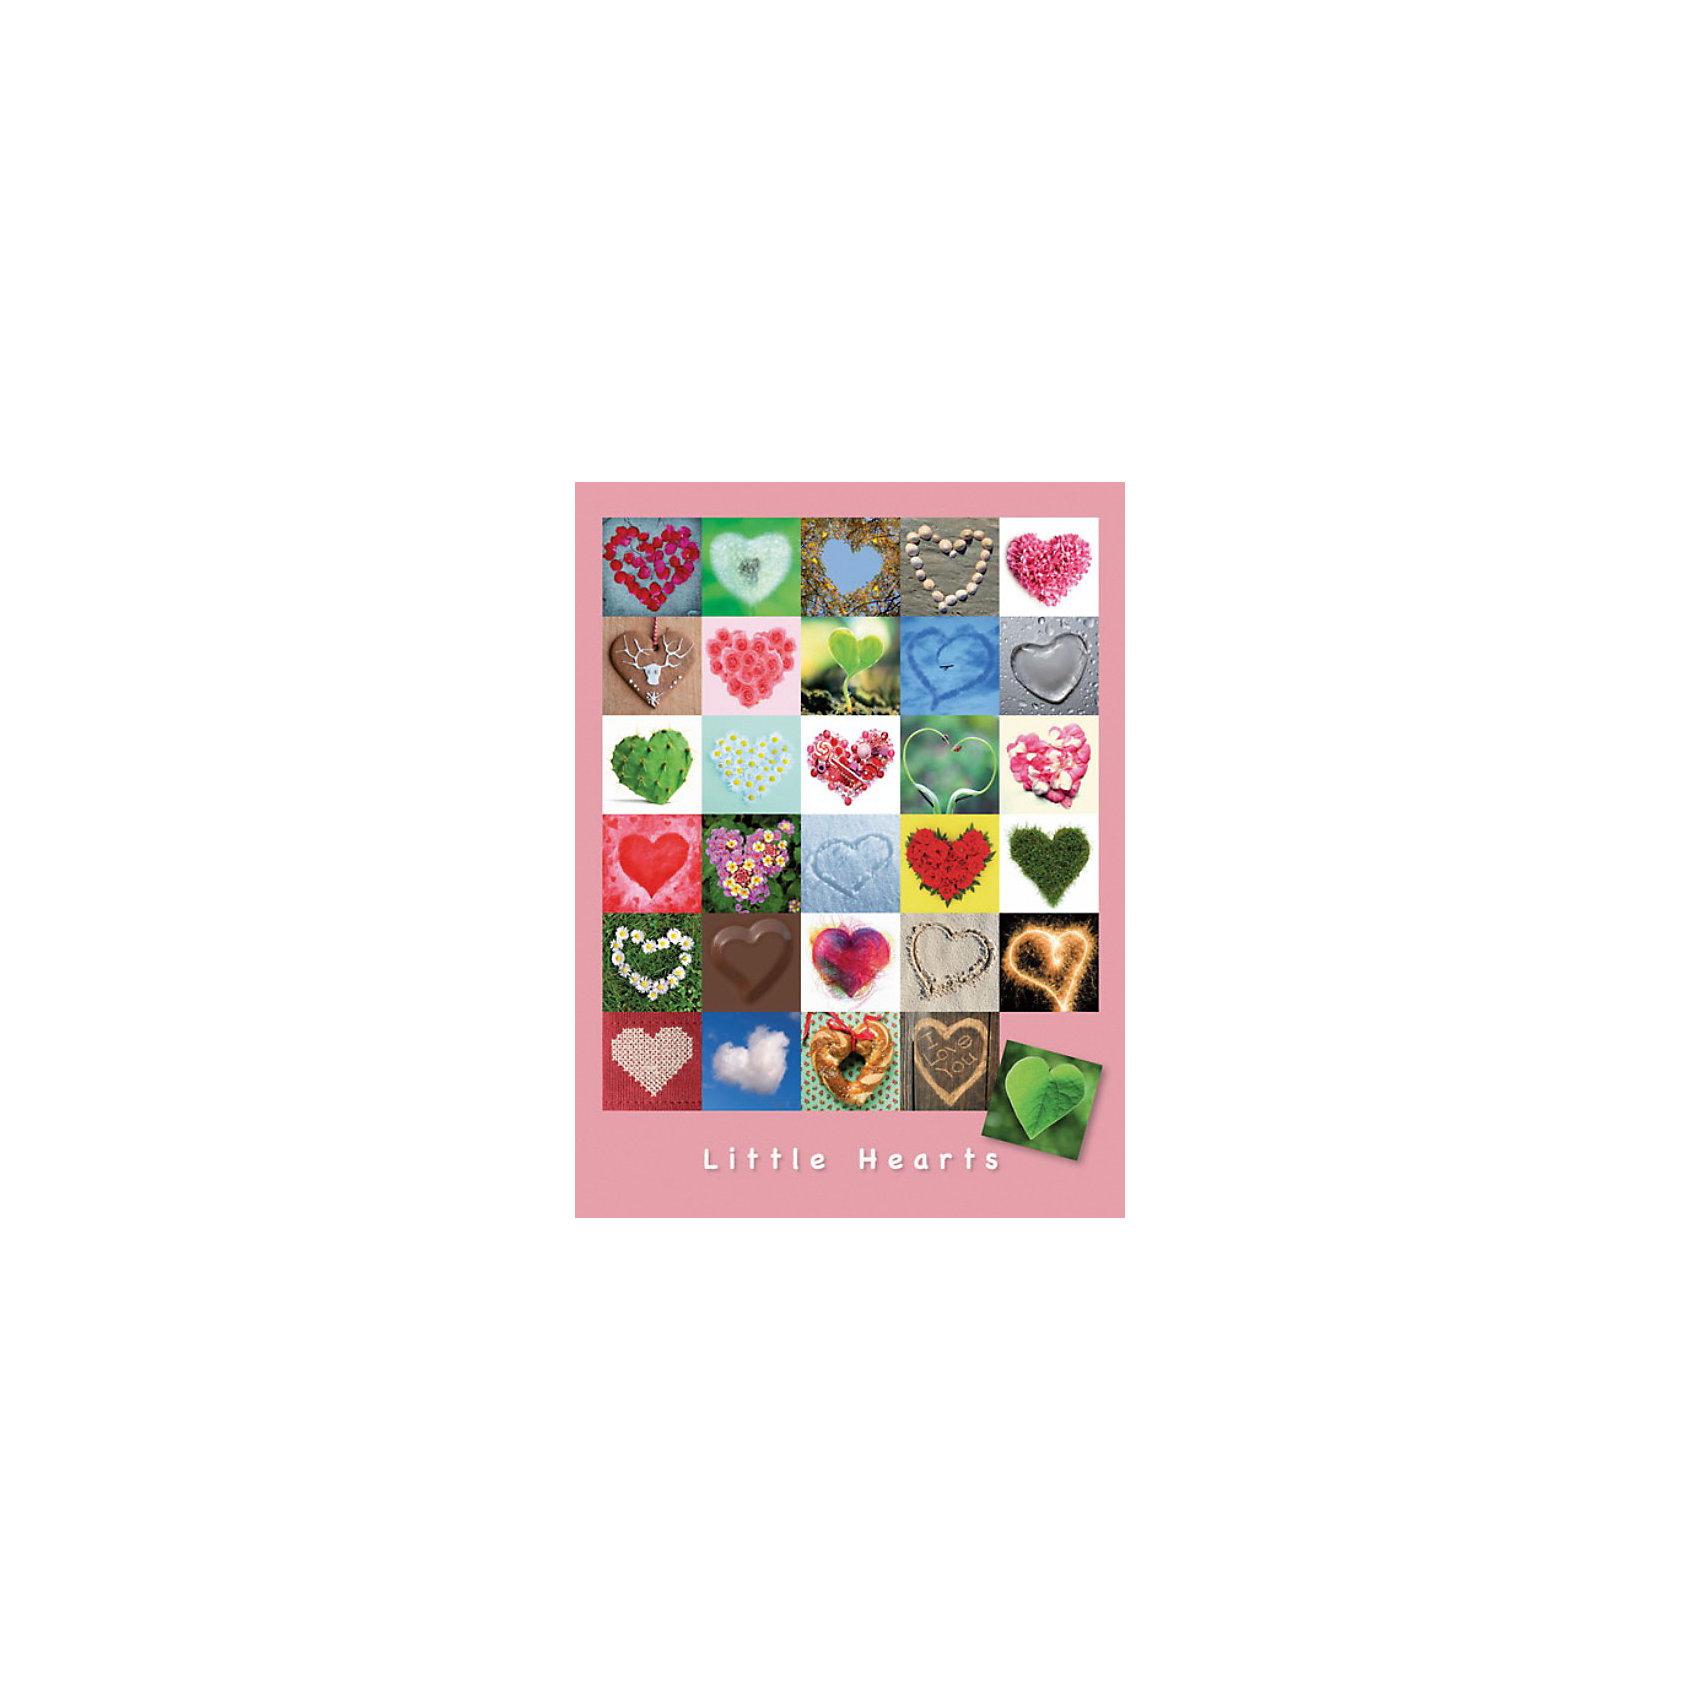 Пазл «Галерея сердец» 1500 деталей, RavensburgerПазл «Галерея сердец» 1500 деталей, Ravensburger (Равенсбургер) – это великолепный подарок, как для ребенка, так и для взрослого.<br>Большой увлекательный пазл «Галерея сердец» Ravensburger объединит всю семью за интересным занятием, отвлечет от повседневных дел, обучит терпению и внимательности. Пазлы Ravensburger – это не только яркие, интересные изображения, но и высочайшее качество продукции. Каждый пазл фирмы Ravensburger изготовлен и упакован с большой тщательностью. Особенности пазлов  Ravensburger: отсутствие двух одинаковых деталей; части пазла идеально соединяются; матовая поверхность исключает неприятные отблески; прочные детали не ломаются; изготовлены из экологического сырья.<br><br>Дополнительная информация:<br><br>- Количество деталей: 1500<br>- Размер картинки: 60х84 см.<br>- Материал: картон<br>- Размер коробки: 27 x 5,5 х 37 см.<br><br>Пазл «Галерея сердец» 1500 деталей, Ravensburger (Равенсбургер) можно купить в нашем интернет-магазине.<br><br>Ширина мм: 55<br>Глубина мм: 373<br>Высота мм: 273<br>Вес г: 1040<br>Возраст от месяцев: 144<br>Возраст до месяцев: 228<br>Пол: Женский<br>Возраст: Детский<br>Количество деталей: 1500<br>SKU: 3284598